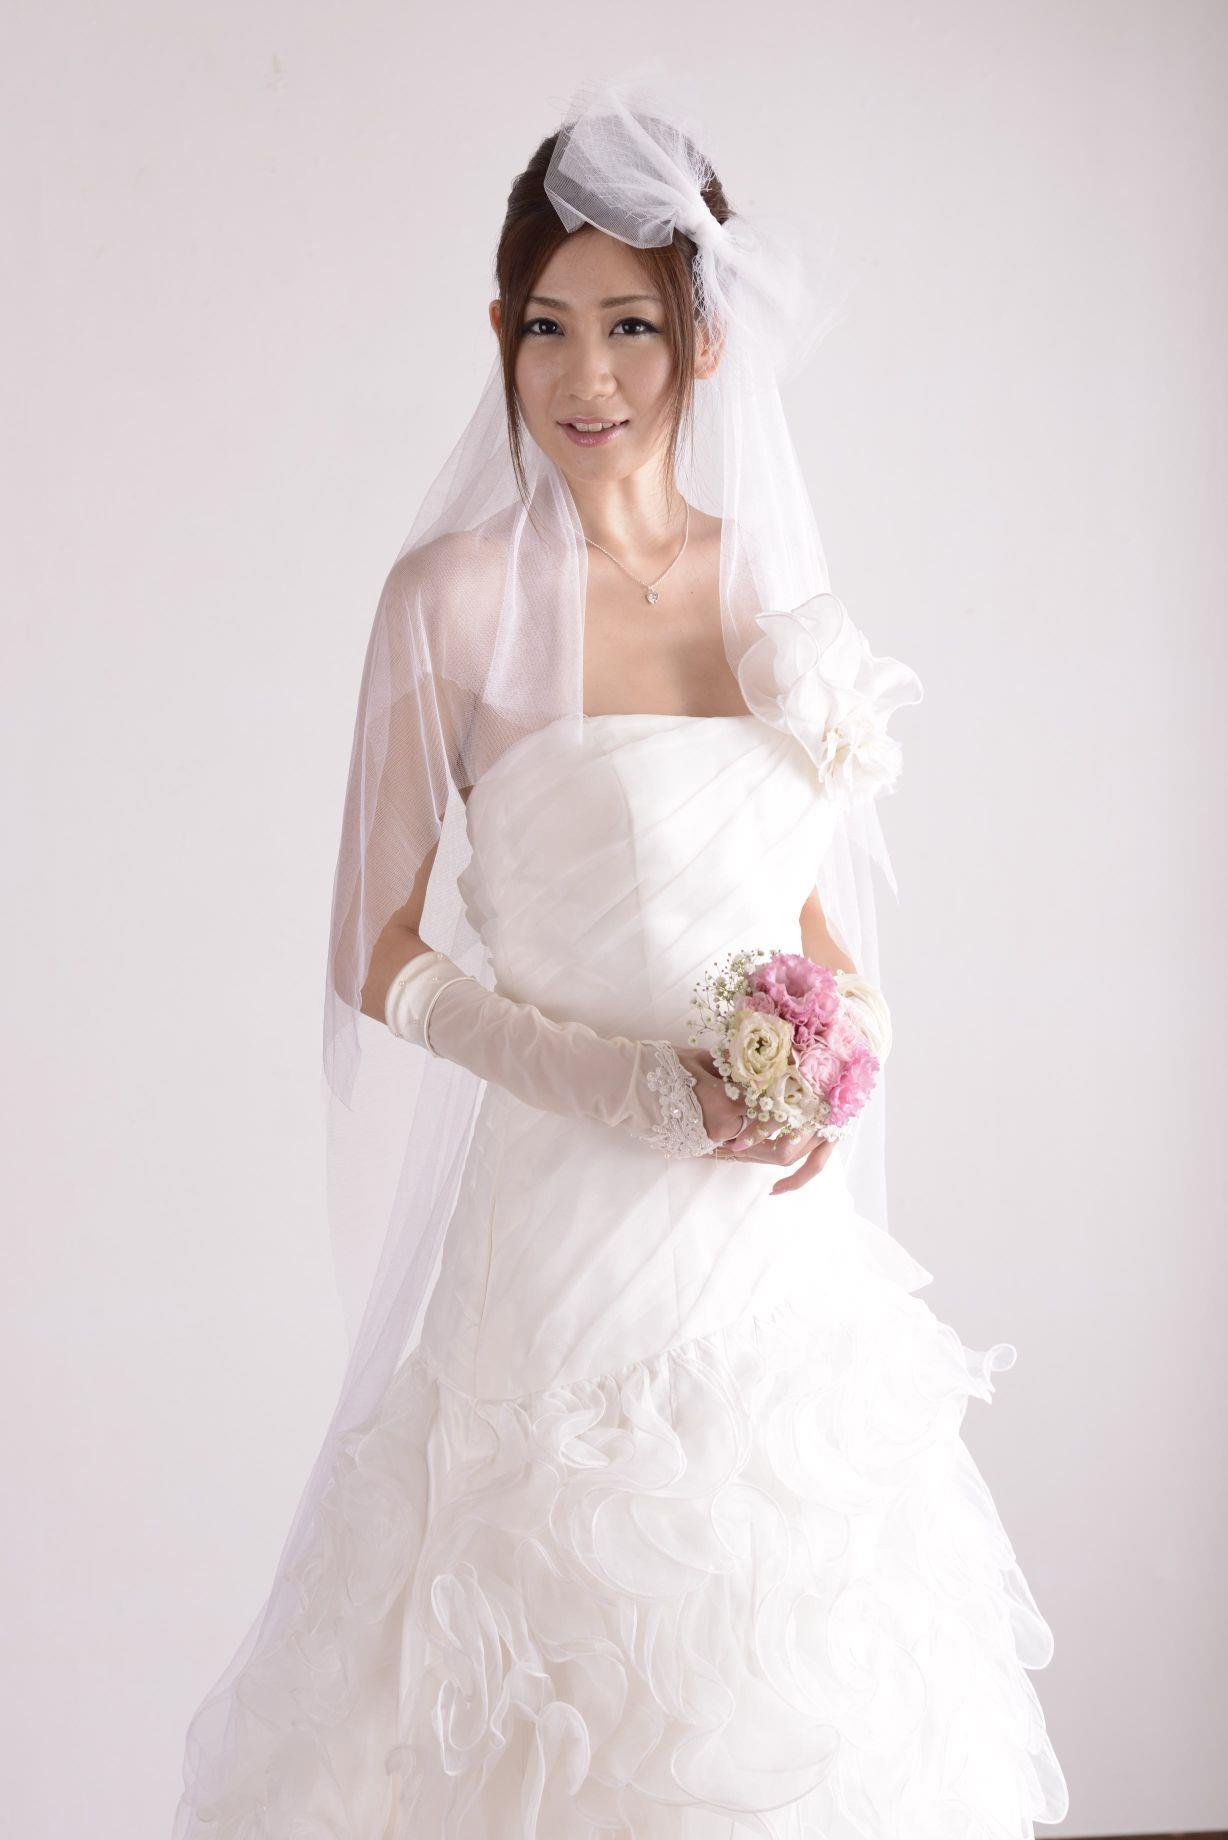 前田かおり ウェディングドレス画像 31